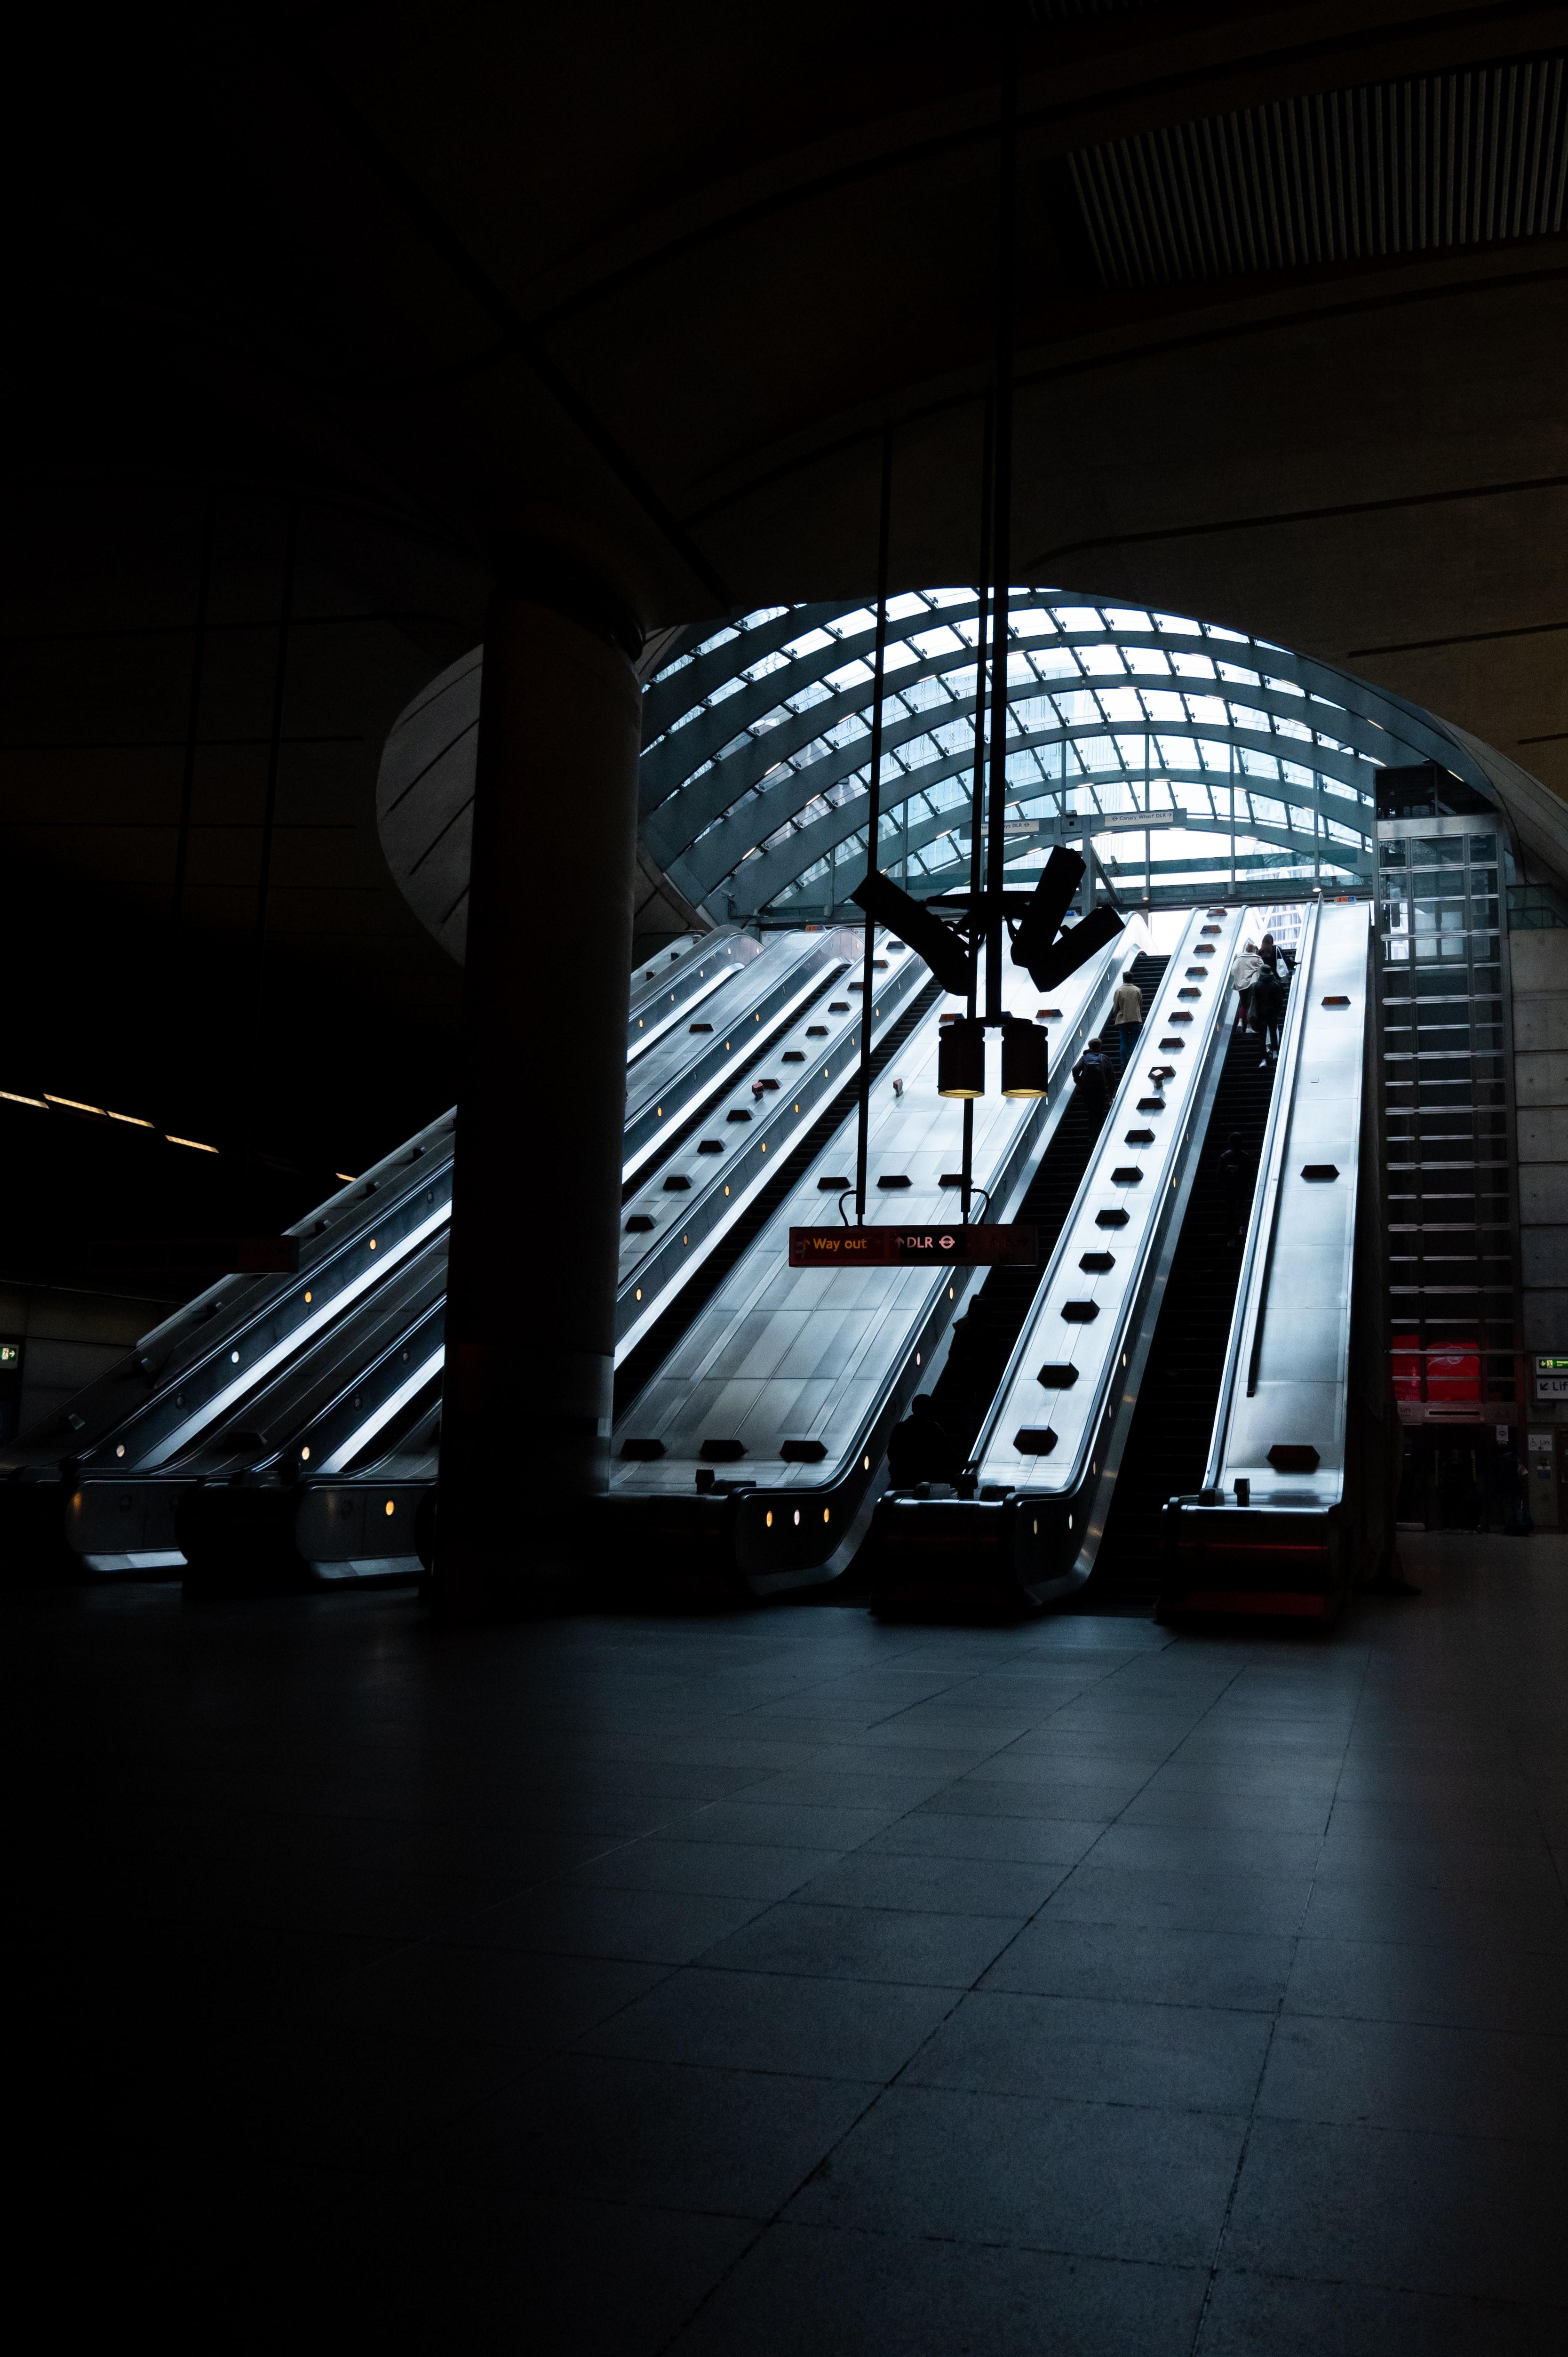 96203 fondo de pantalla 1920x1080 en tu teléfono gratis, descarga imágenes Miscelánea, Misceláneo, Subterraneo, Metro, Escaleras Mecánicas, Escalada, Levantar, Oscuridad 1920x1080 en tu móvil